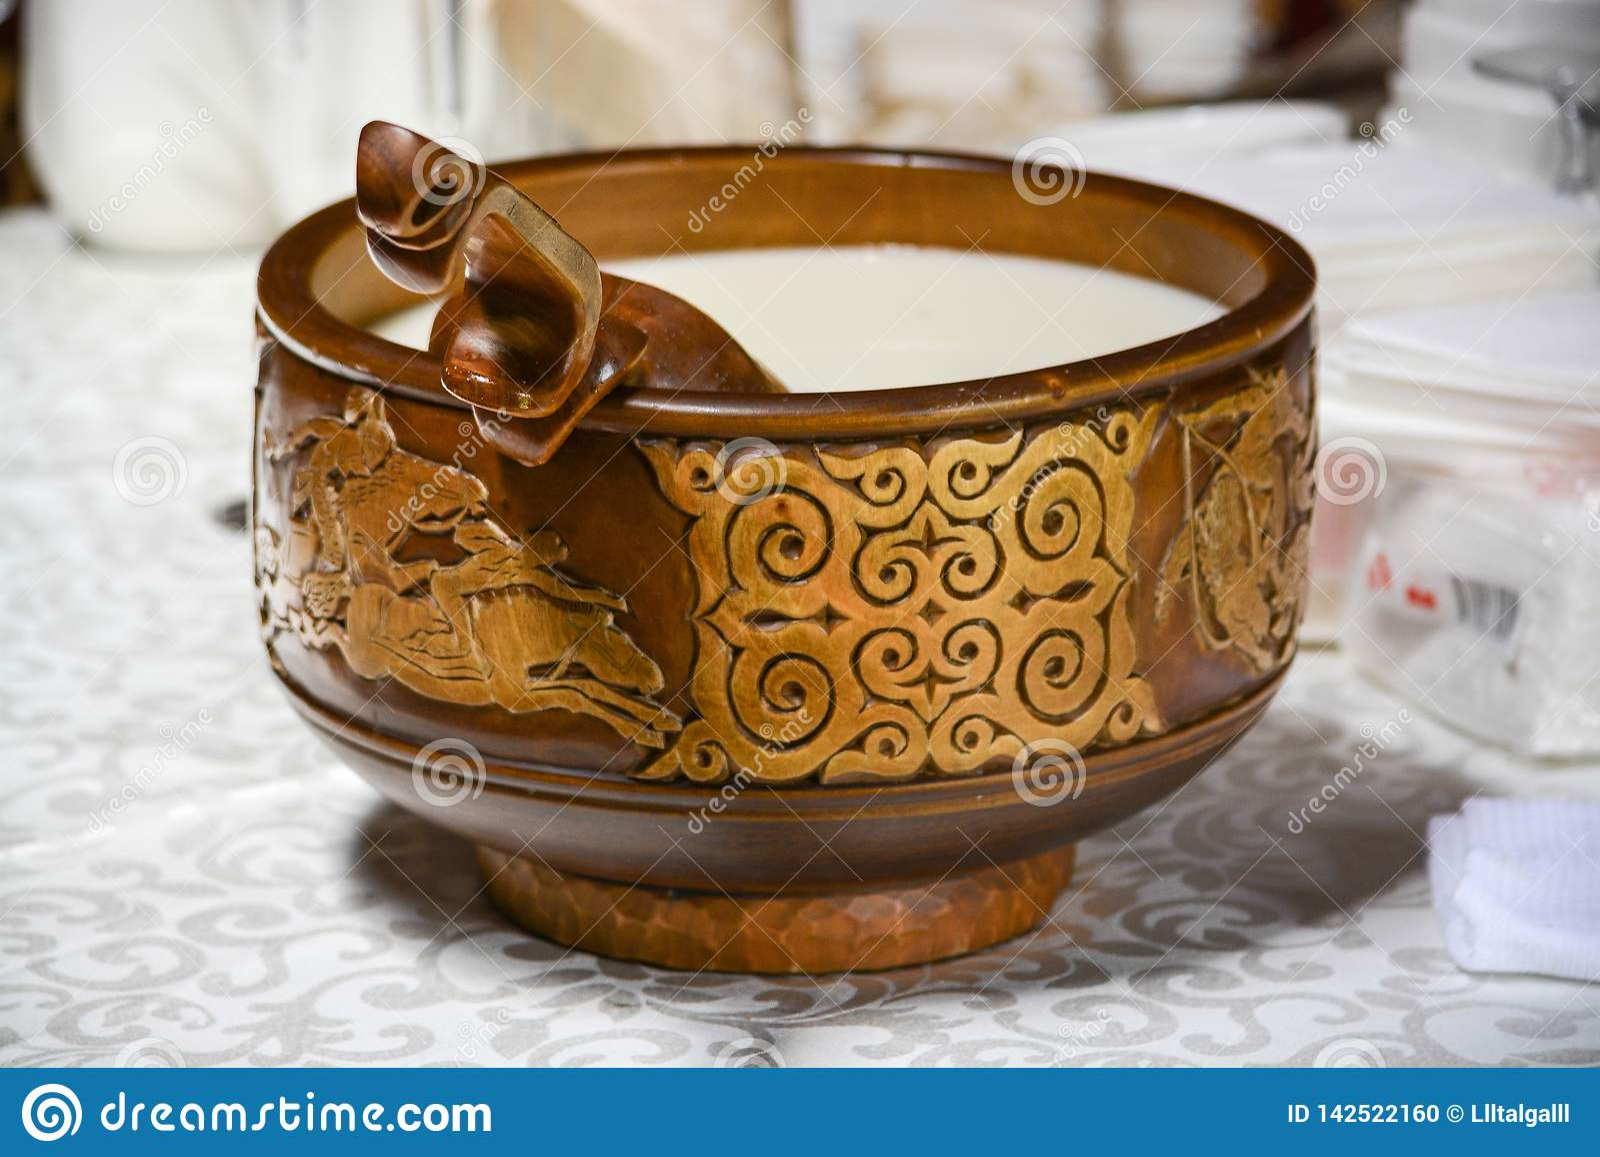 Een houten kop met de gietlepel van een nomade De melk wordt gegoten in de kop Cultureel erfgoed van de Kazakh mensen